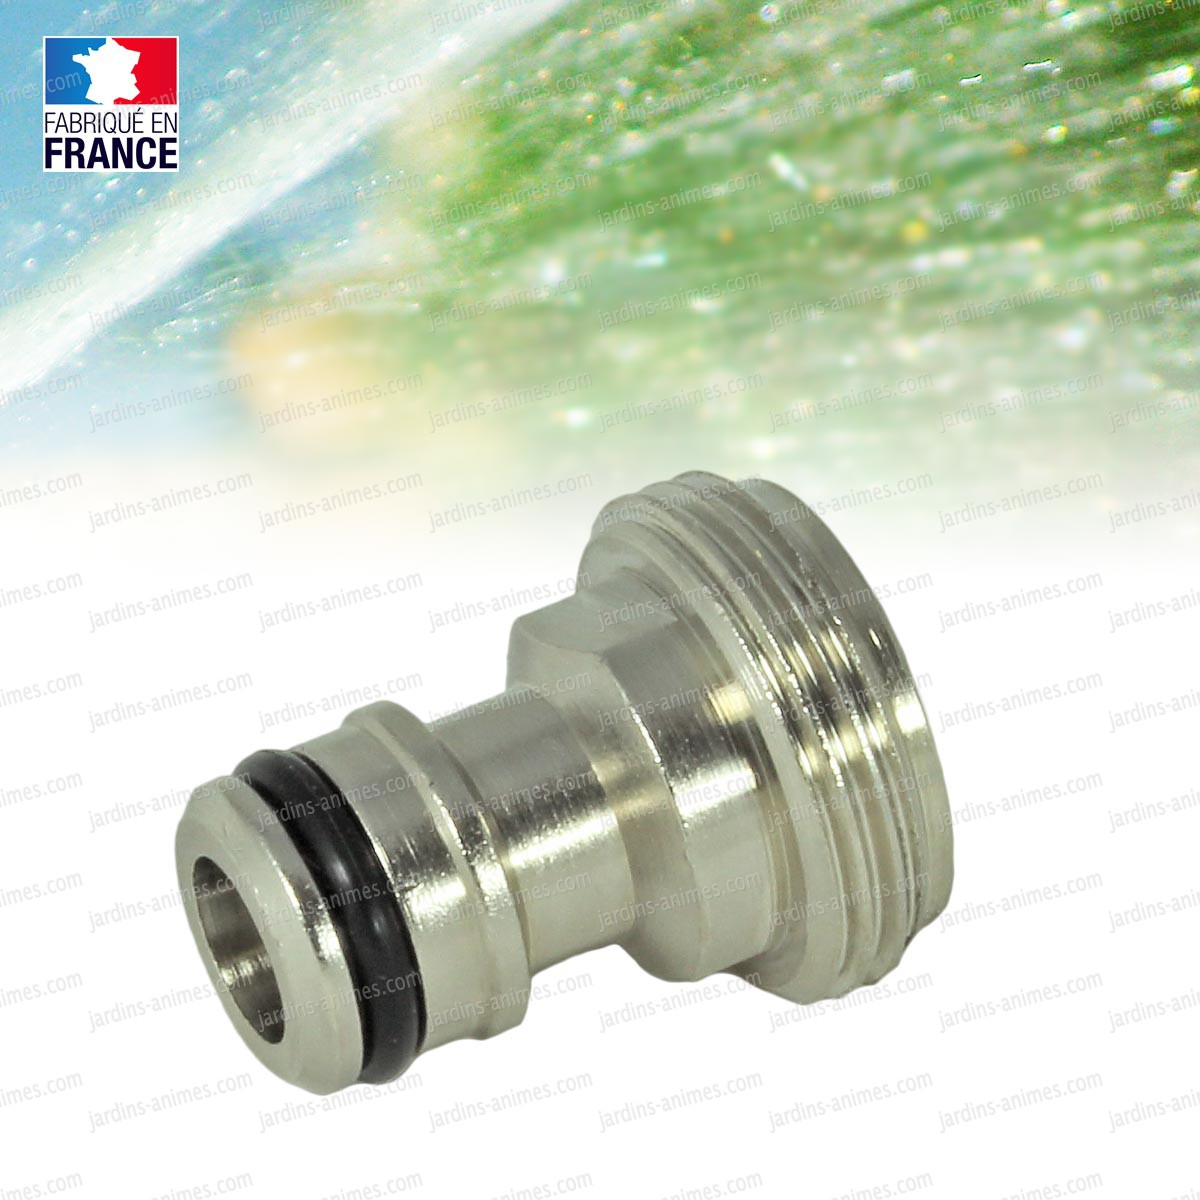 adaptateur tuyau d arrosage sur robinet de cuisine